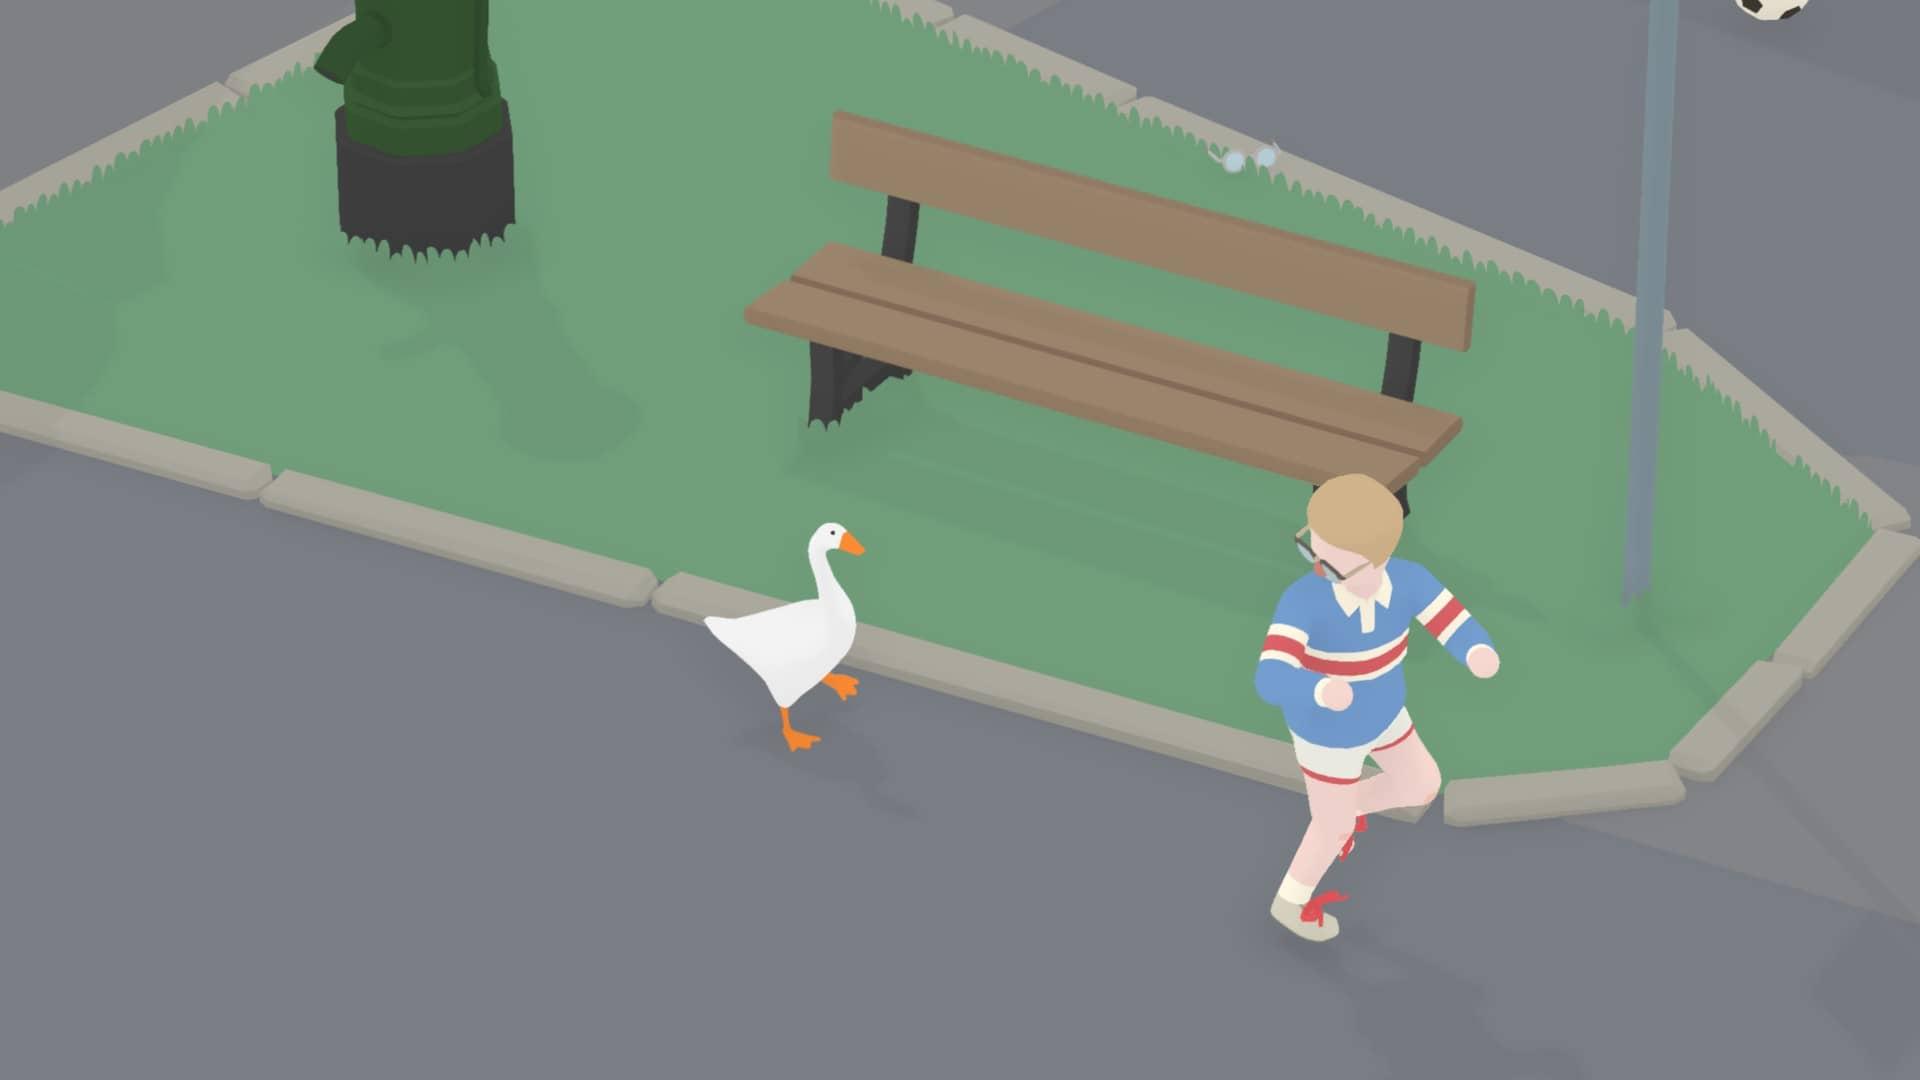 Untitled Goose Game - Kluk